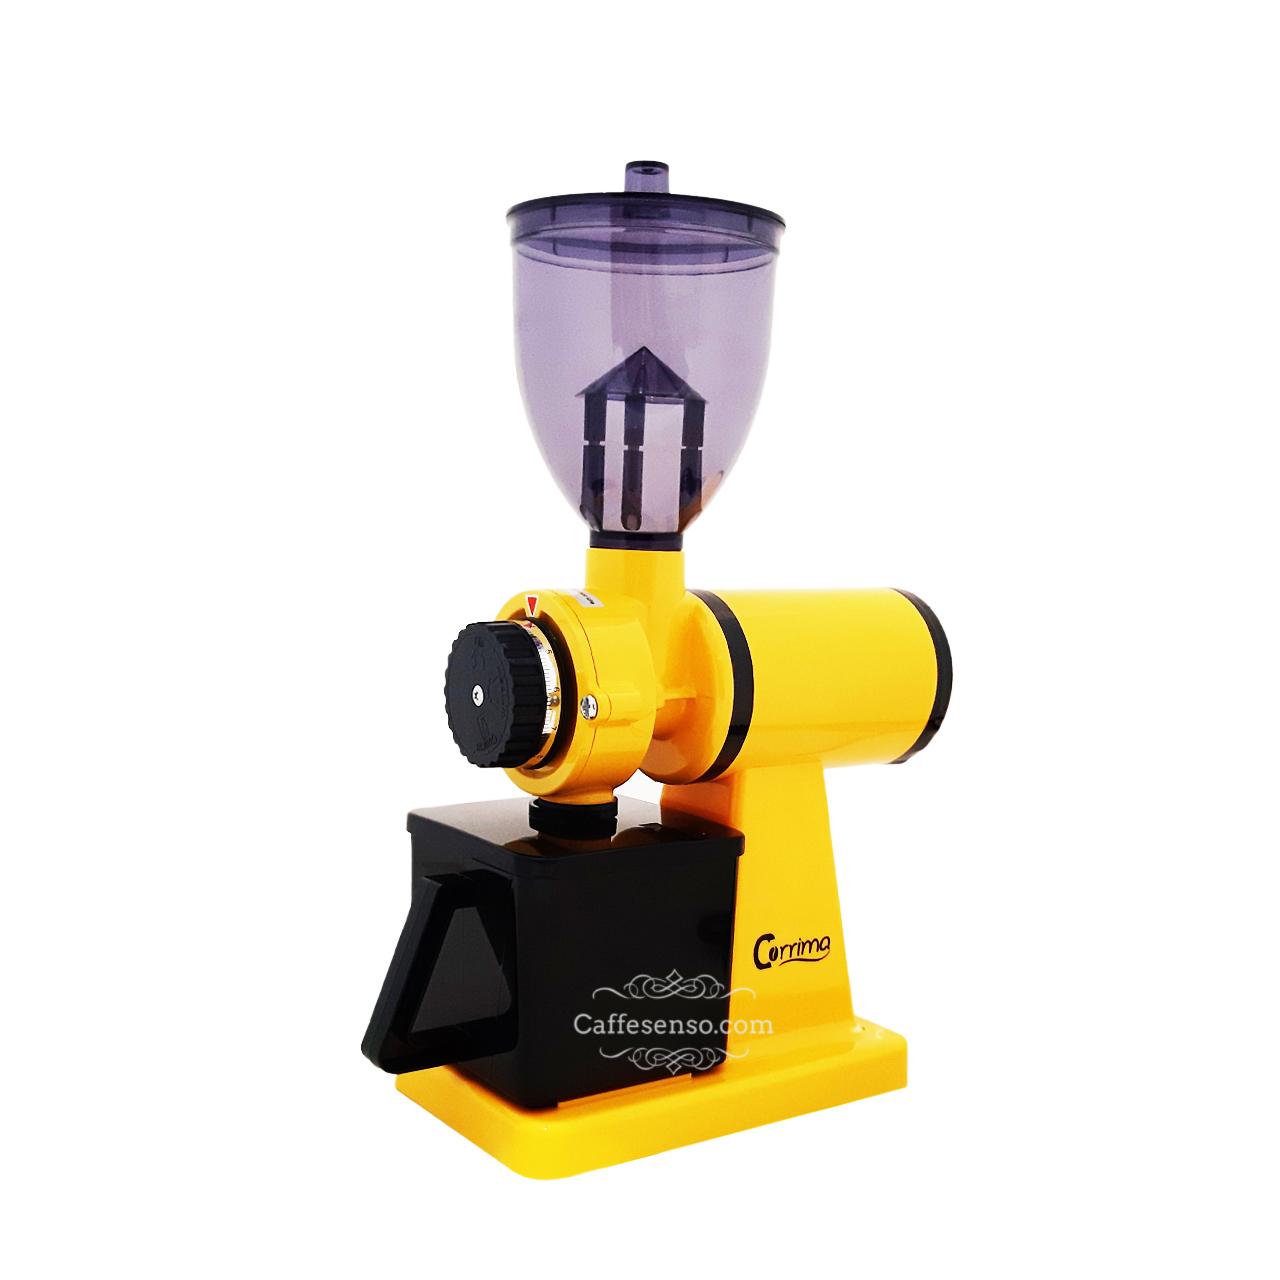 آسیاب قهوه کاریما مدل n600 plus